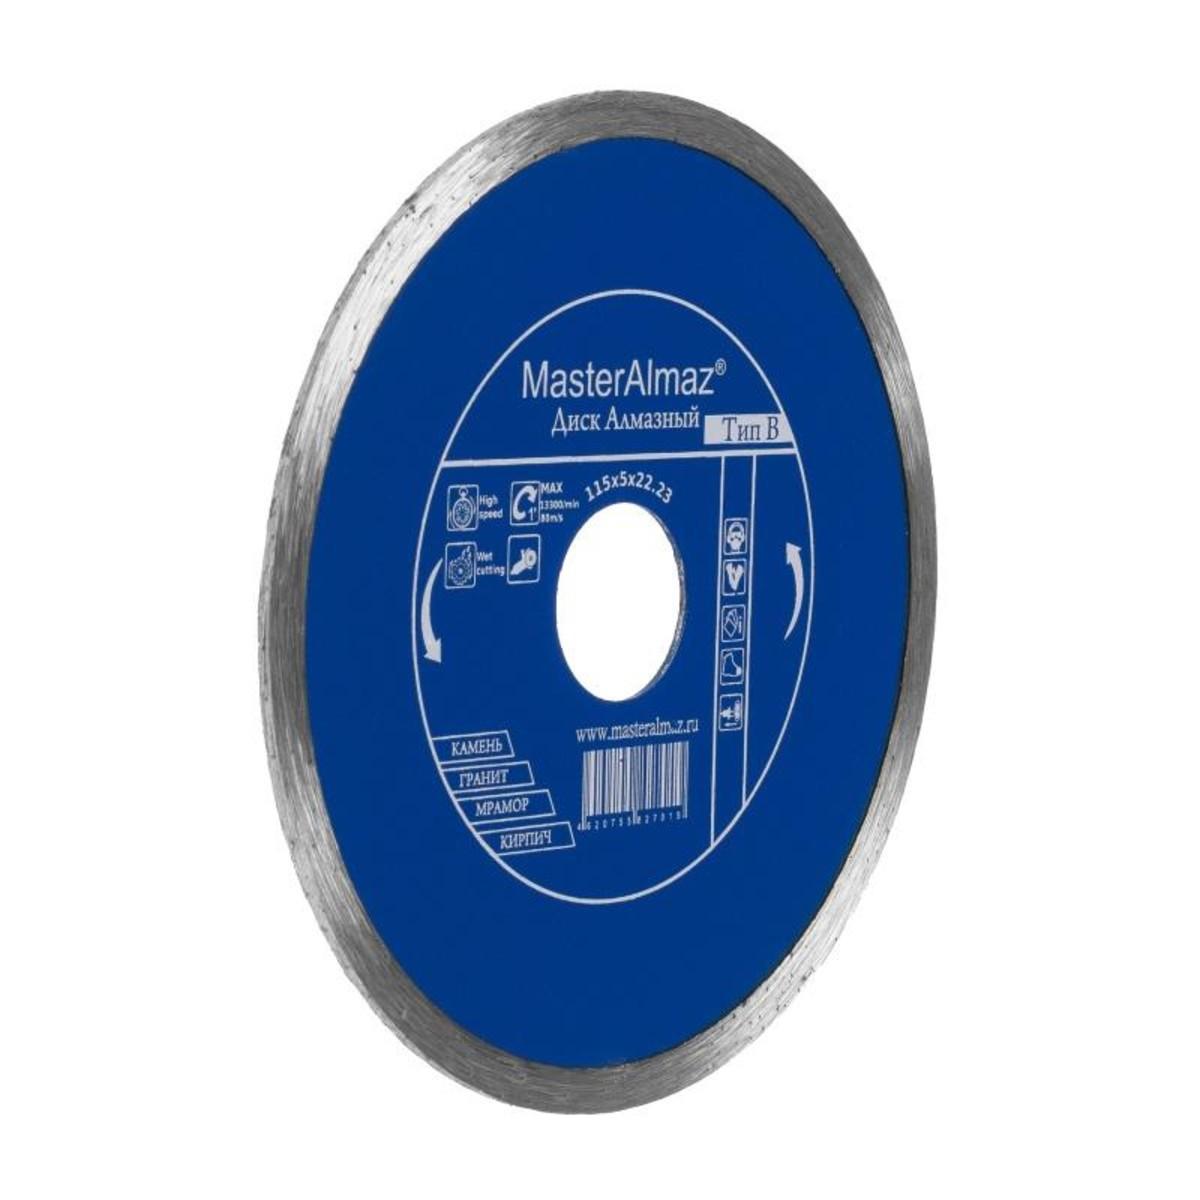 Диск Алмазный Мастералмаз Standard (Тип В) 180Х5Х2223 По Камню Сплошной